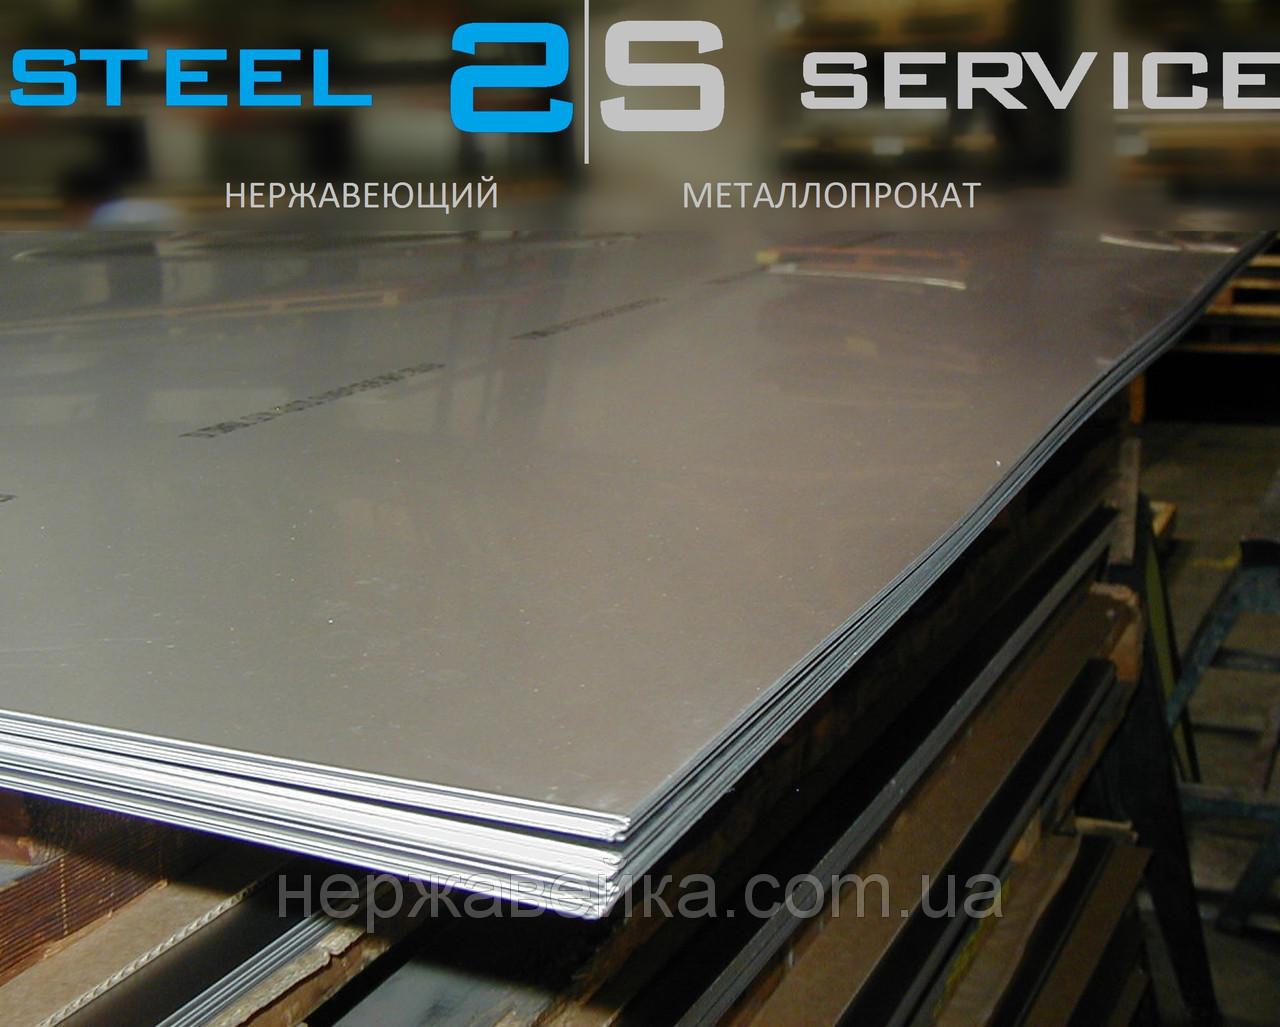 Нержавейка лист 90х1500х6000мм  AISI 321(08Х18Н10Т) F1 - горячекатанный, пищевой